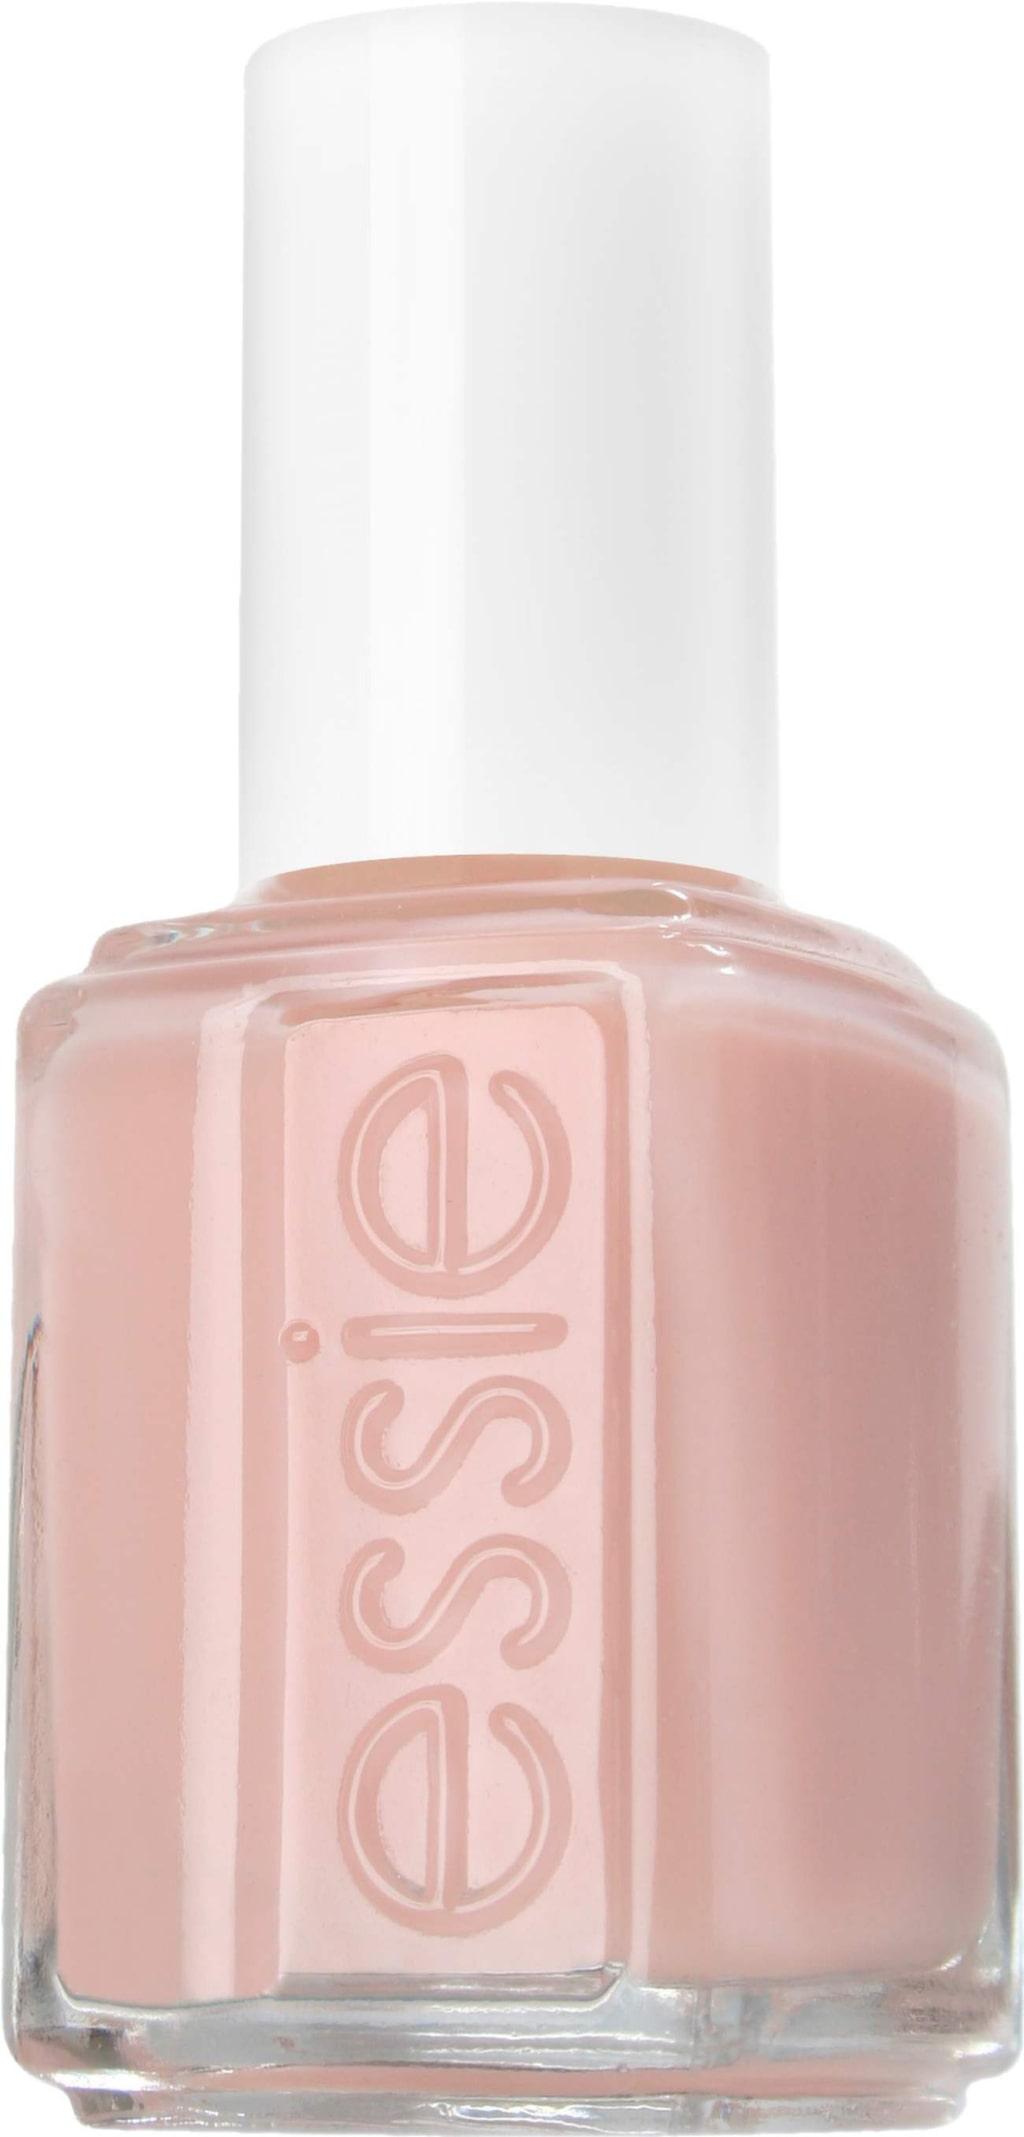 <p>Bubbelgumsrosa nagellack från <strong>Essie,&nbsp;129 kronor.</strong></p> <p>För varje nagellack från Essies rosa kollektion så skänker de 10 kronor till Cancerfonden. Du får dessutom med ett 'watermelon' mini-nagellack med en specialdesignad kork.</p>